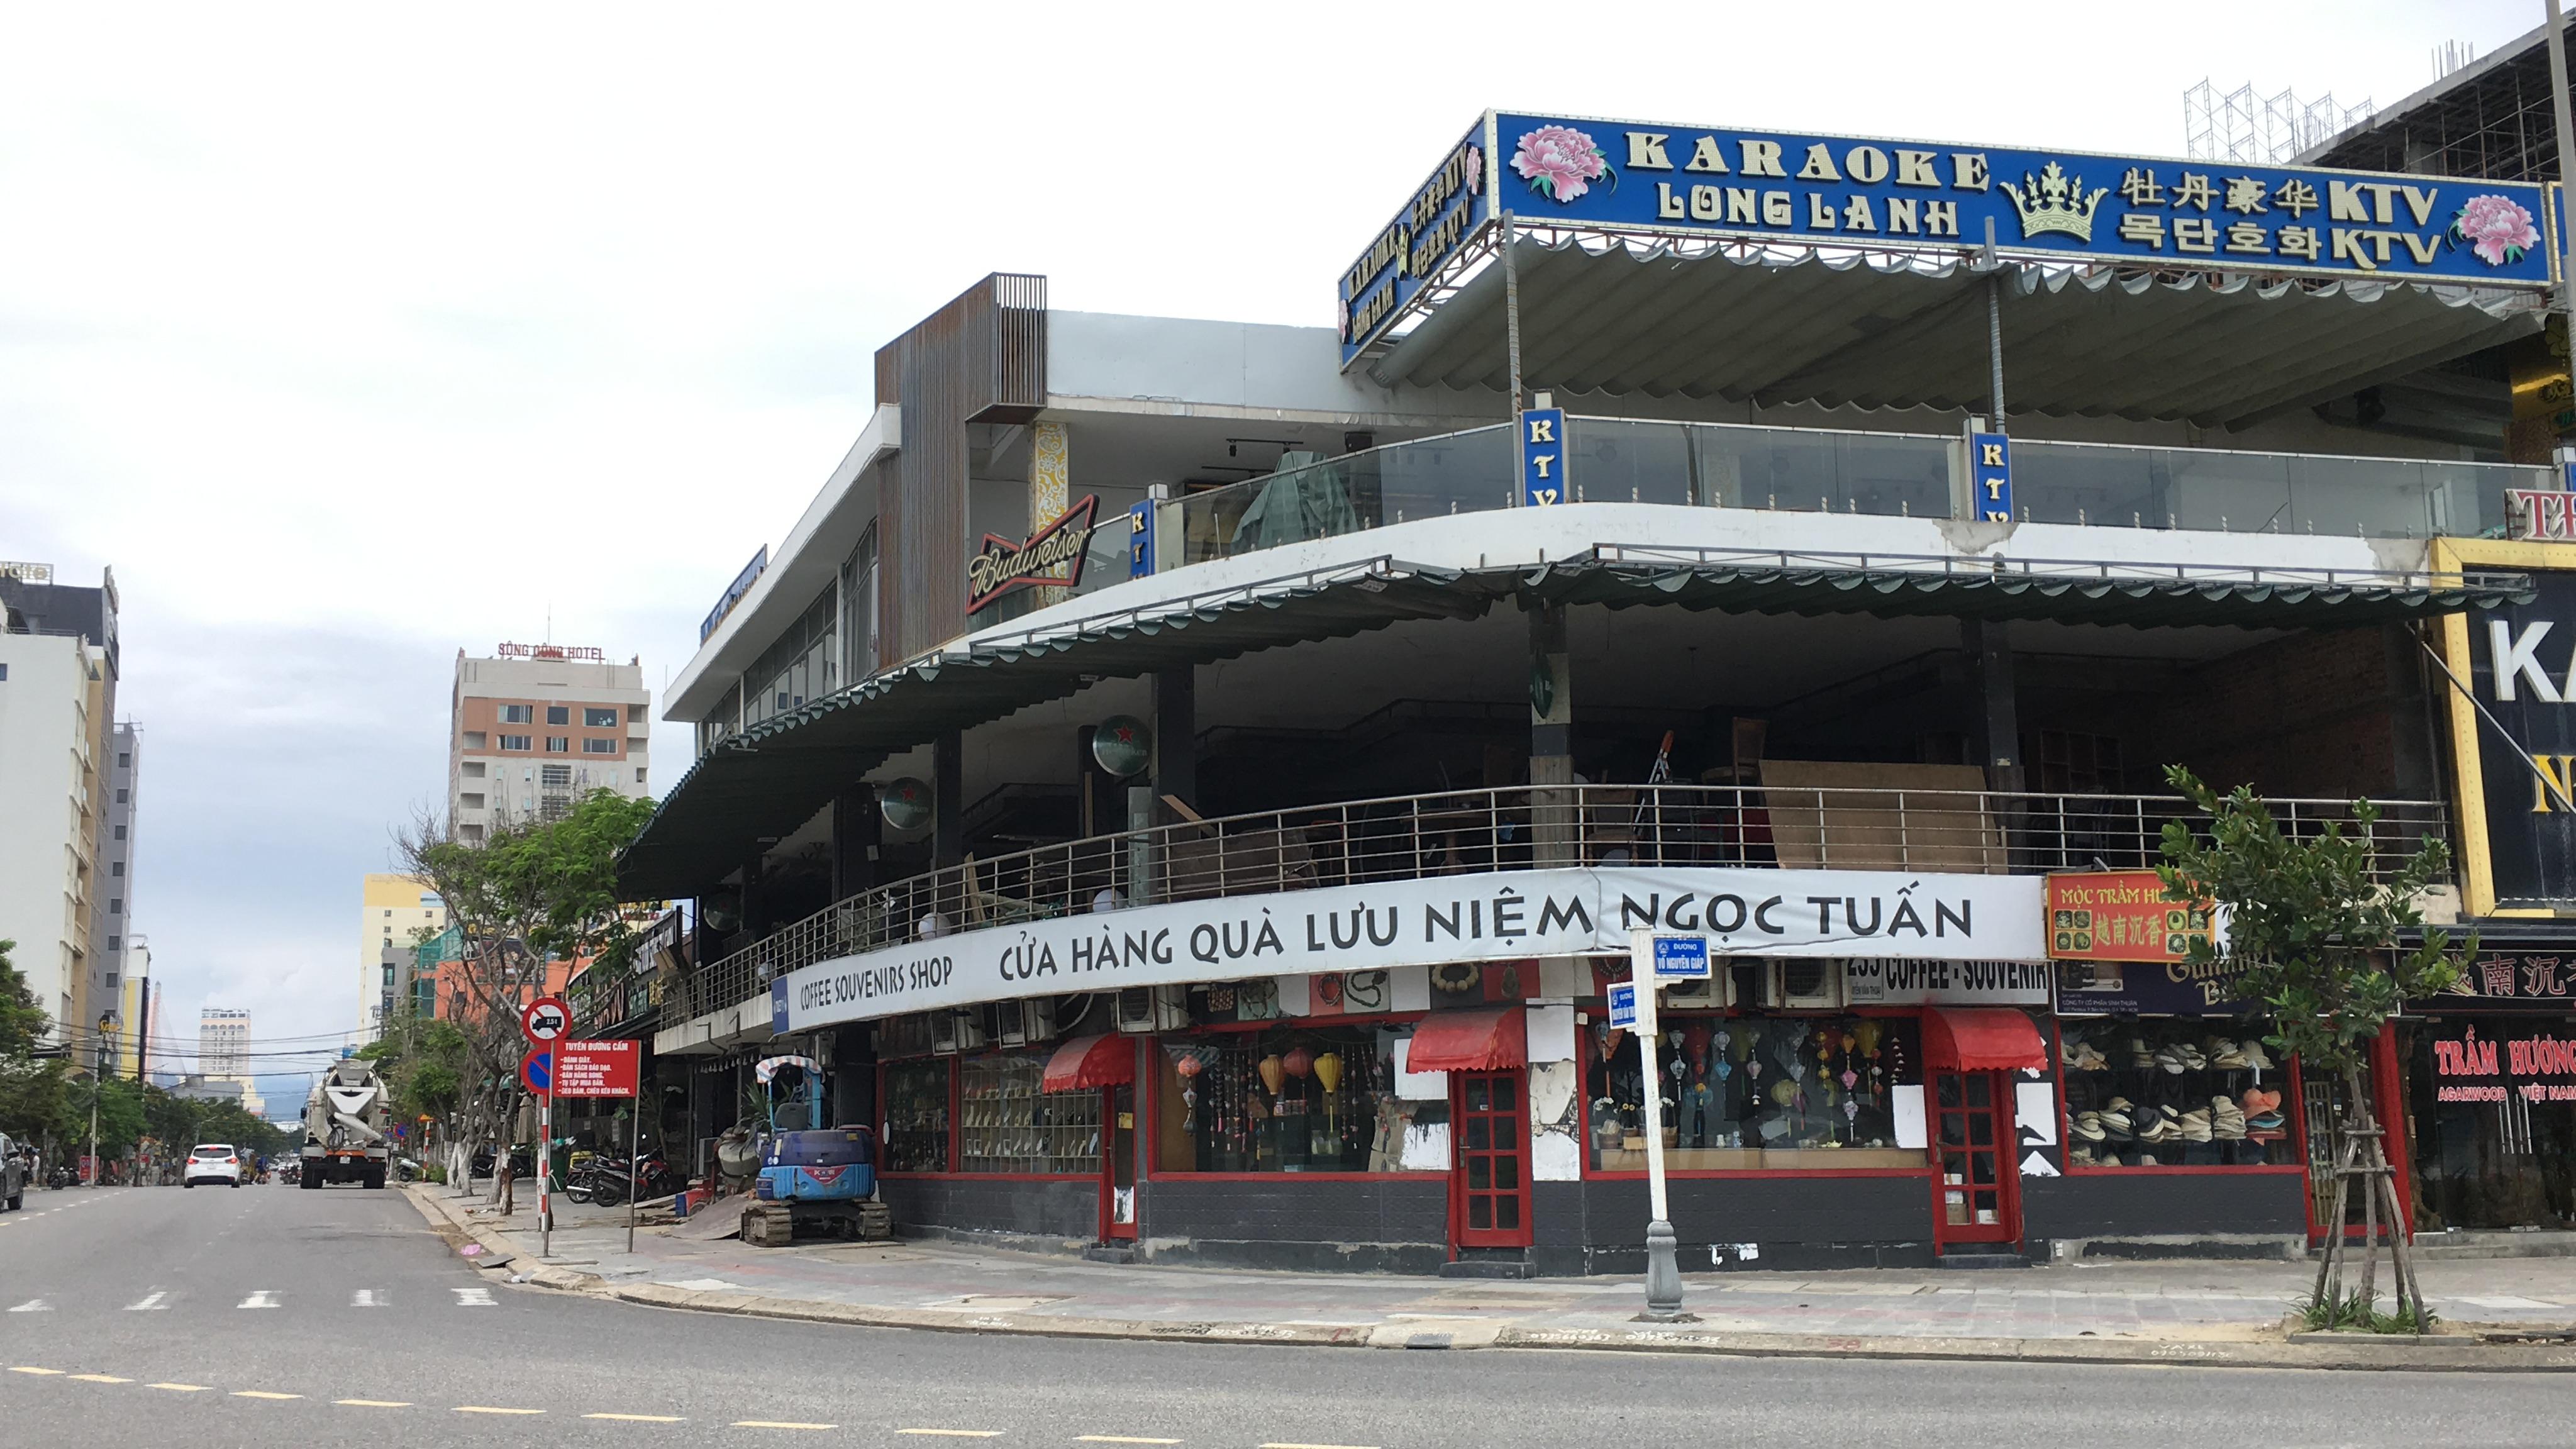 Khách sạn ở Đà Nẵng đóng cửa im ỉm dù chính quyền cho đón khách trở lại - Ảnh 15.